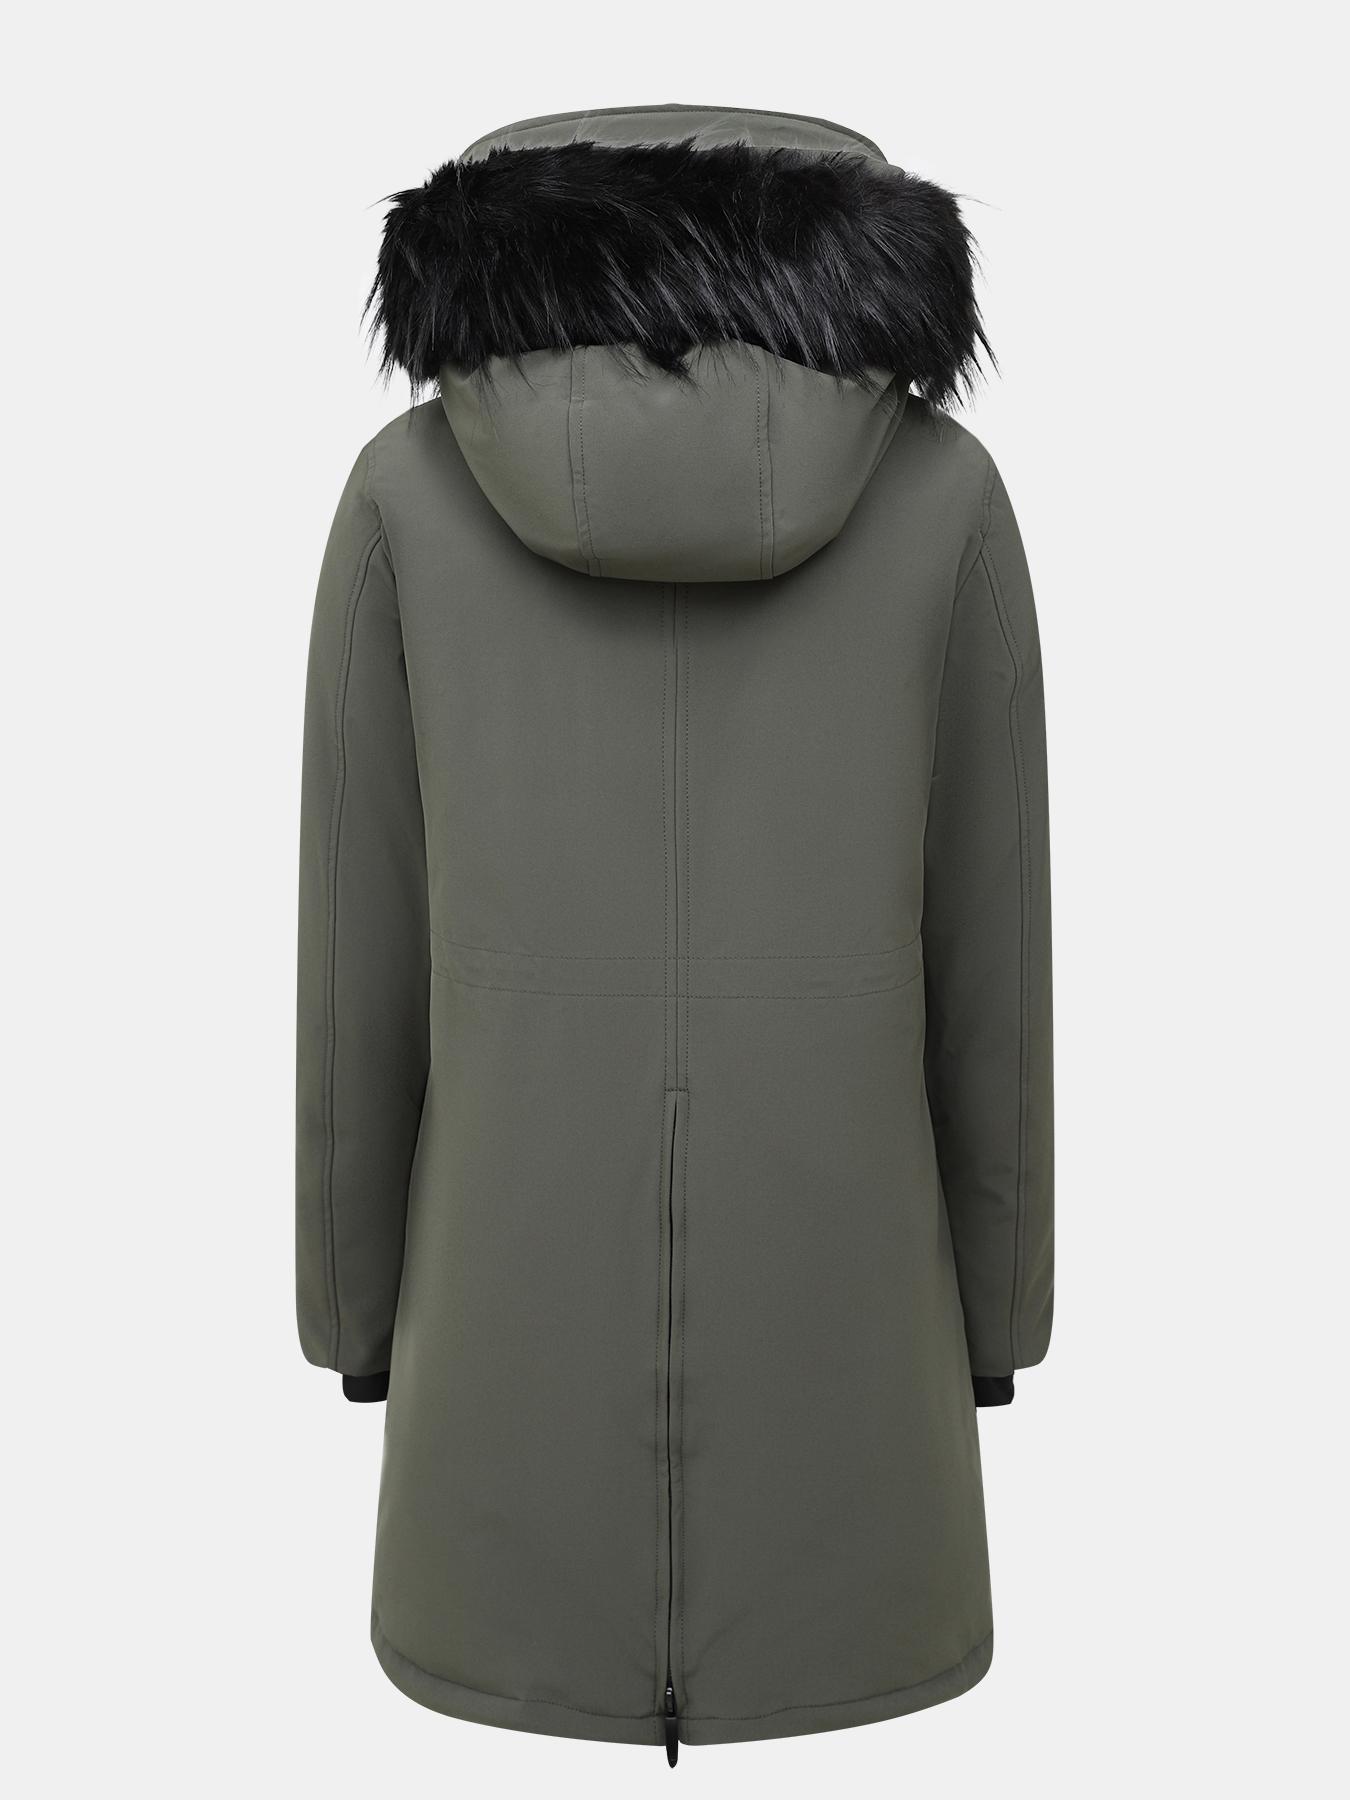 Фото - Куртка Trussardi Jeans Парка пальто trussardi jeans куртка